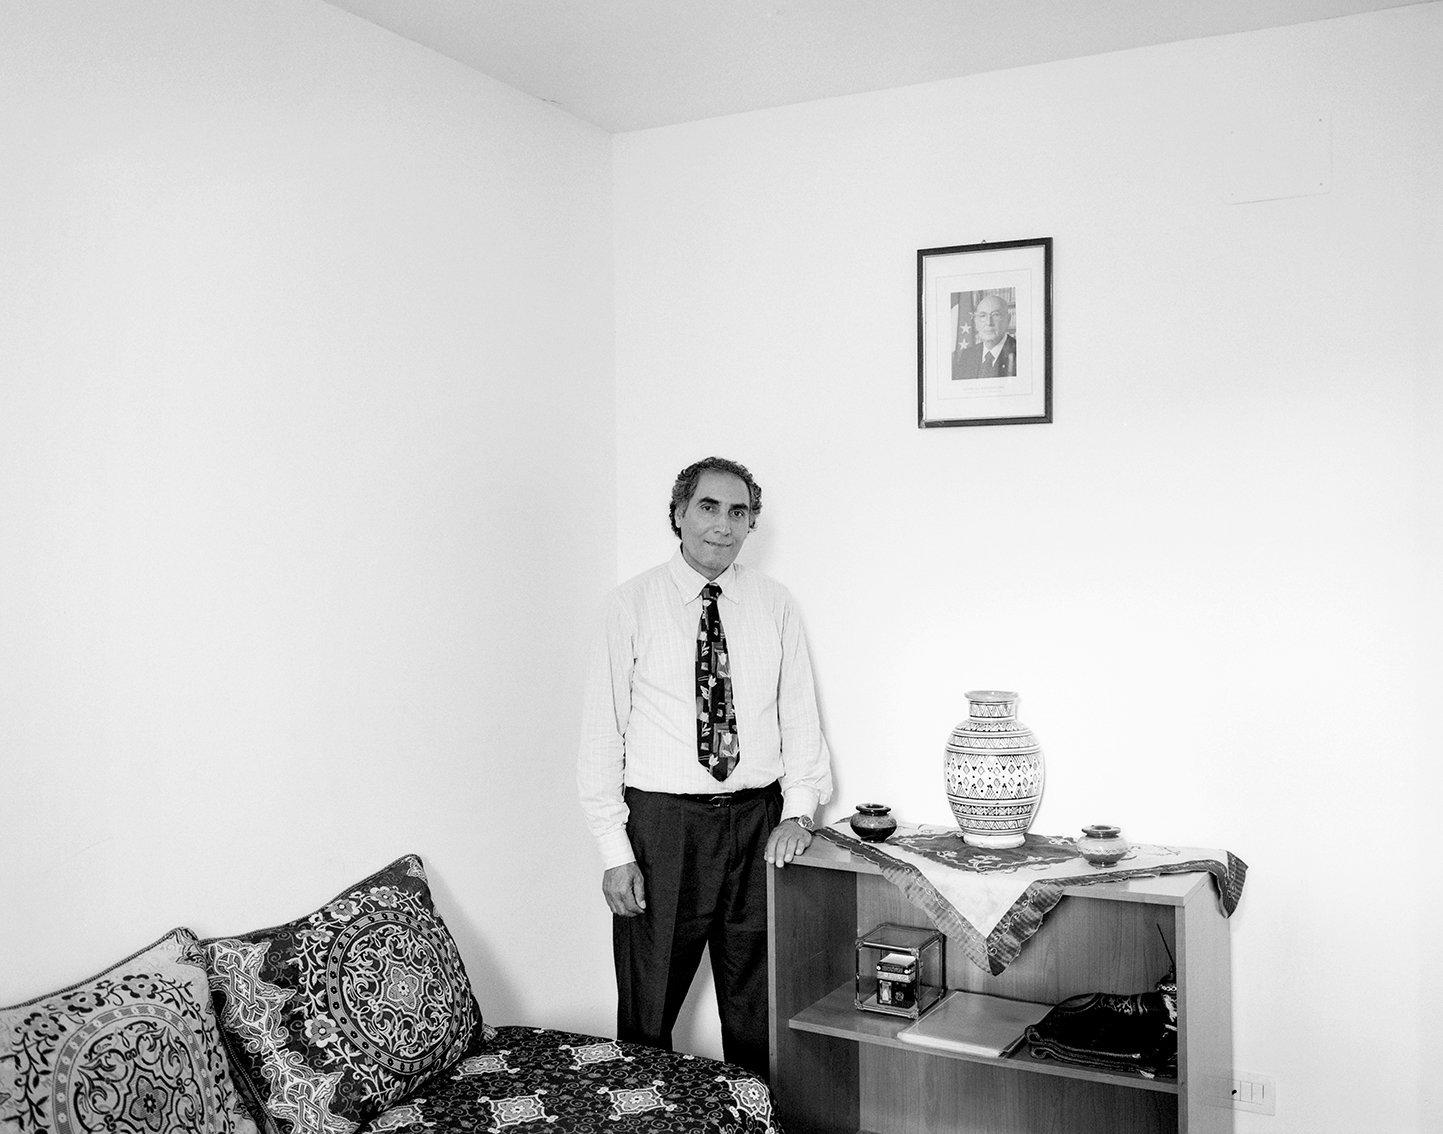 53_Eddaoudi (Work) - You're Welcome 72.jpg